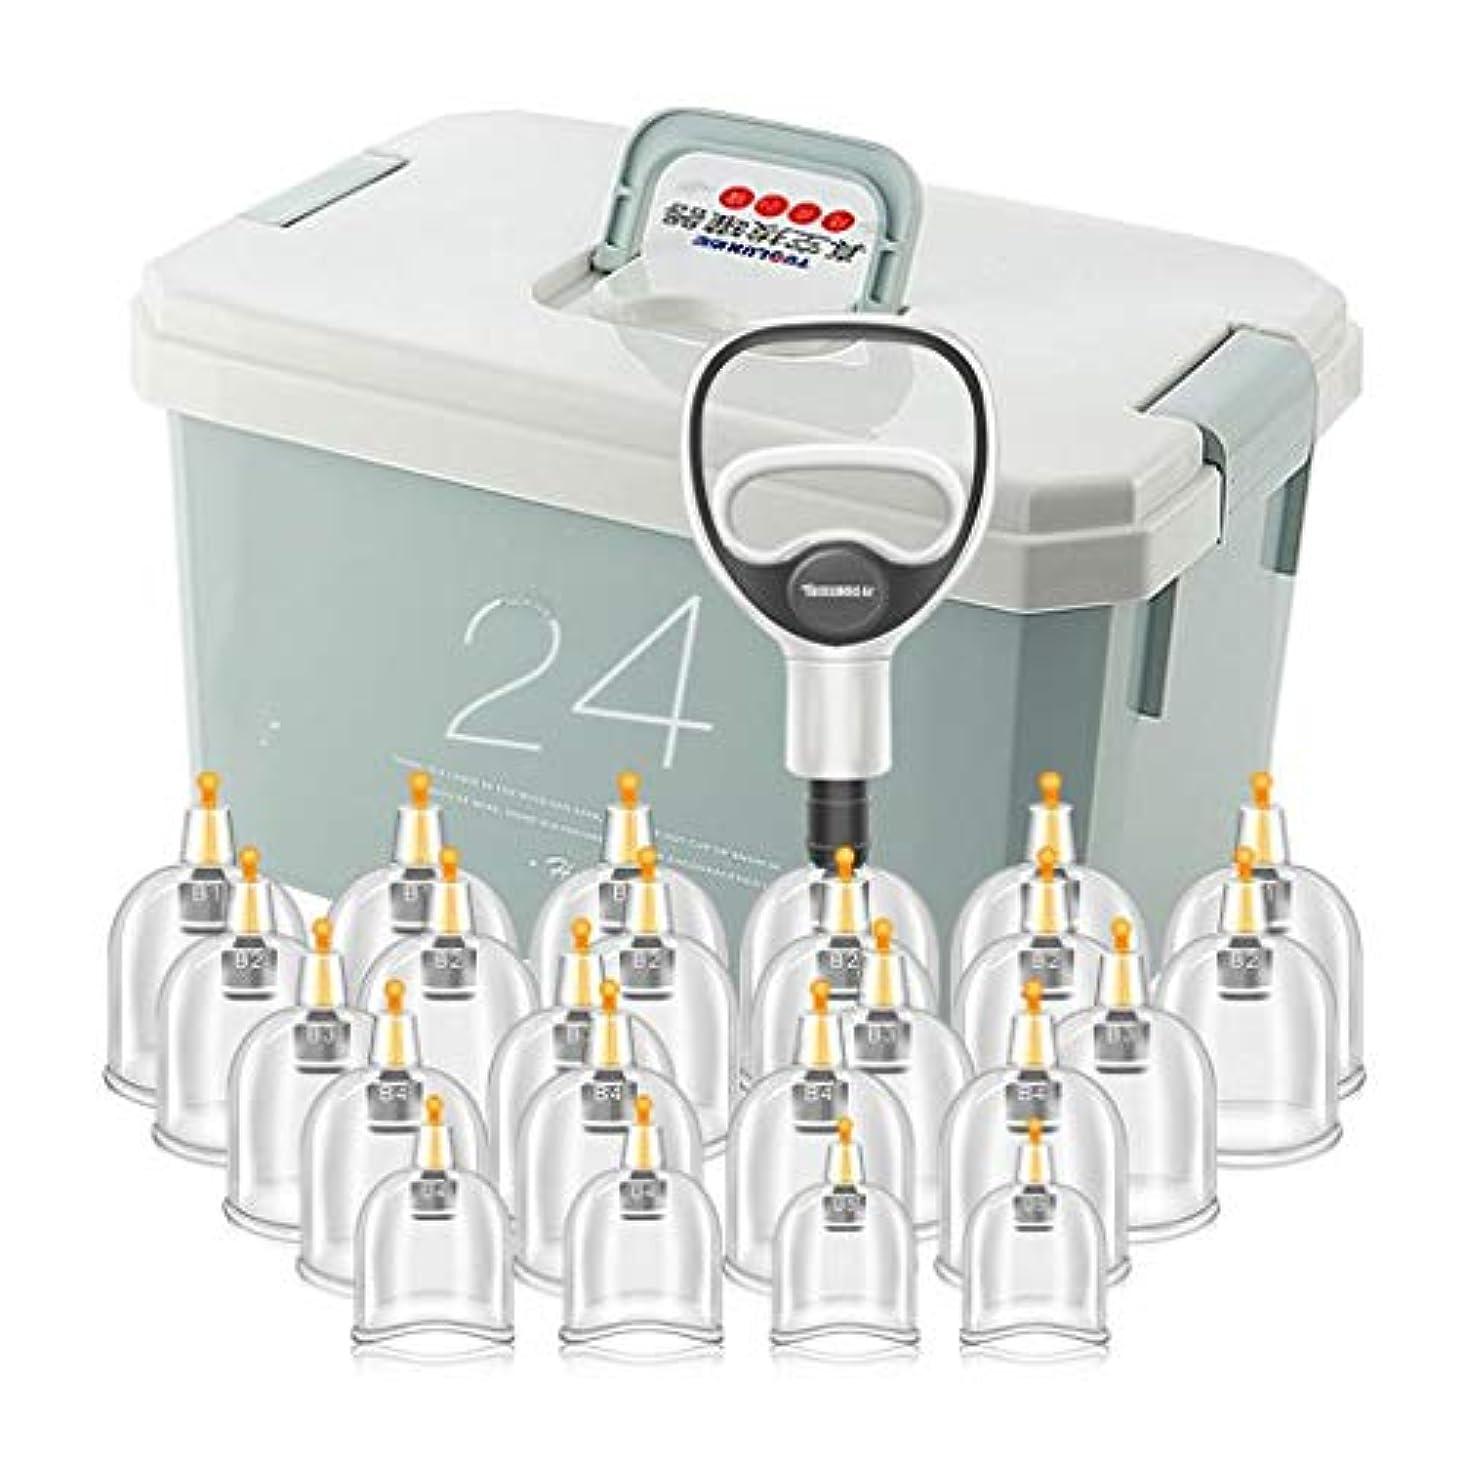 抽象霧深いシャワー医学ボックスストレージギフトボックスをポンピングポンピングハンドル24個のカップバキュームを持つプロのカッピング治療装置の設定